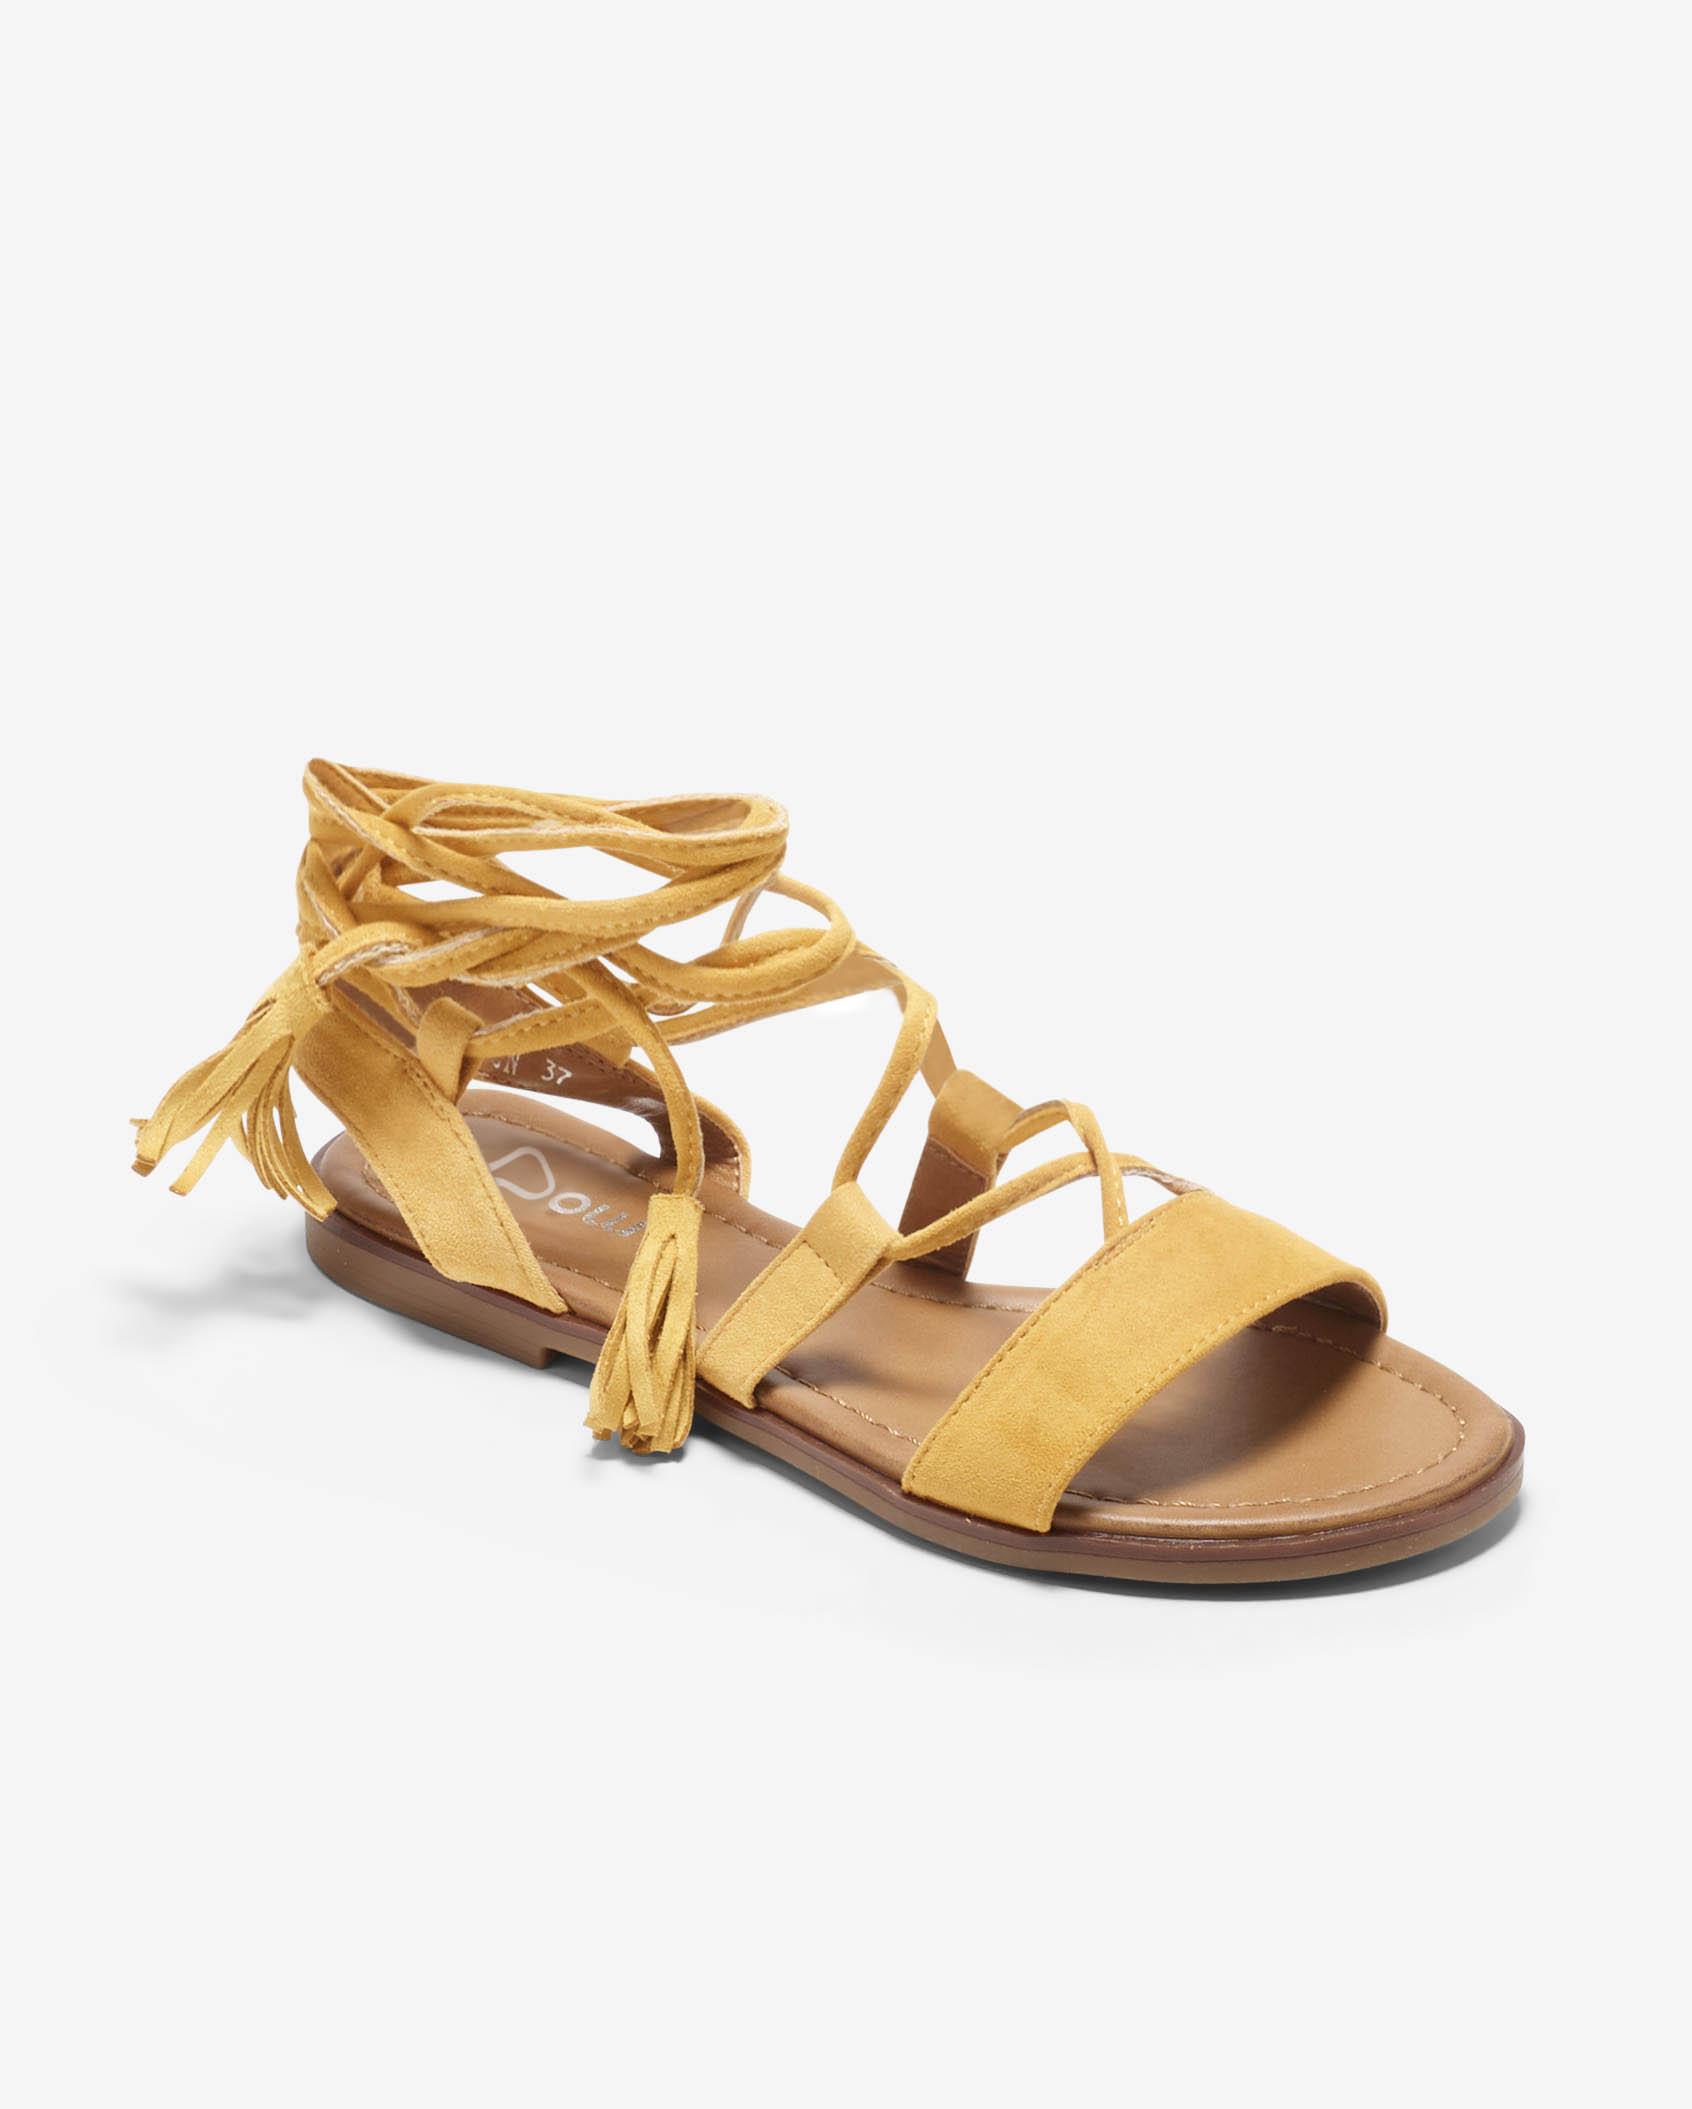 Sandales Plates Femme - Sandale Plate Ocre Jina - Sp2435